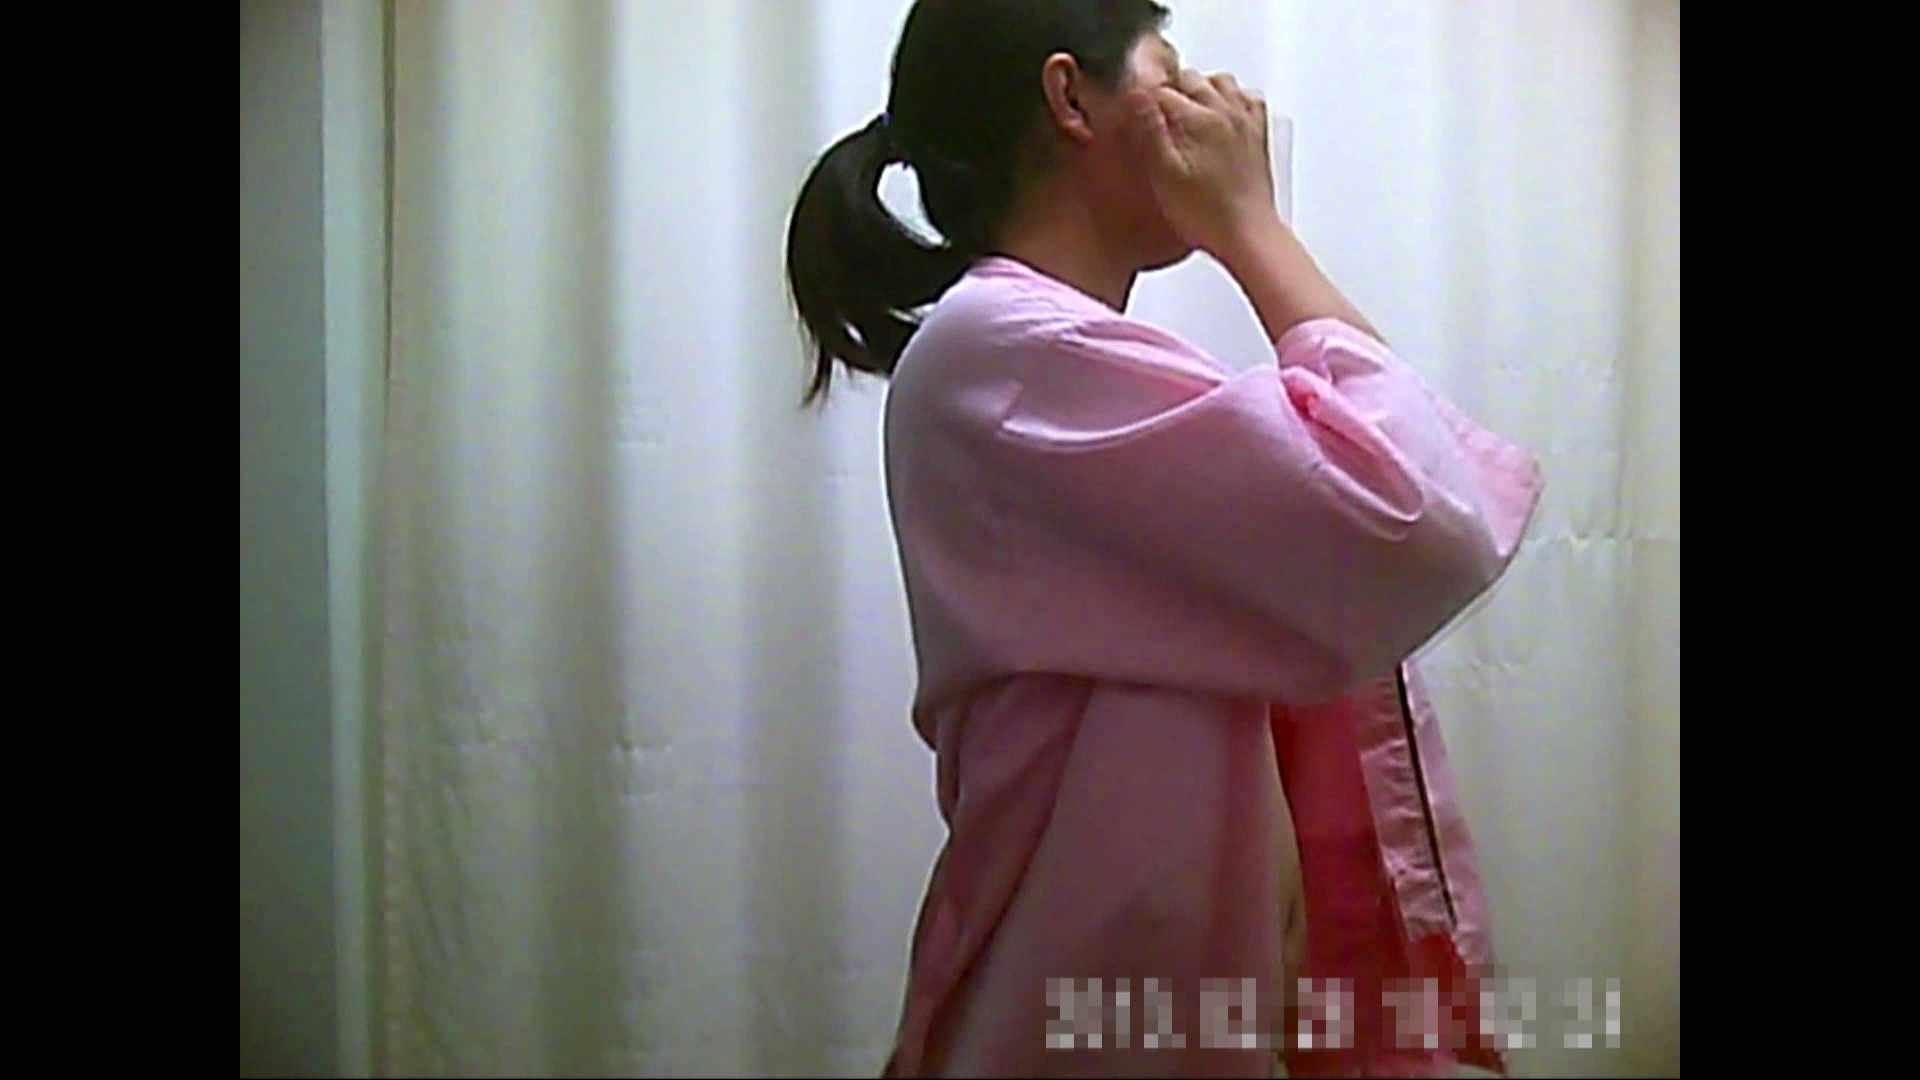 元医者による反抗 更衣室地獄絵巻 vol.103 OLハメ撮り  89Pix 5